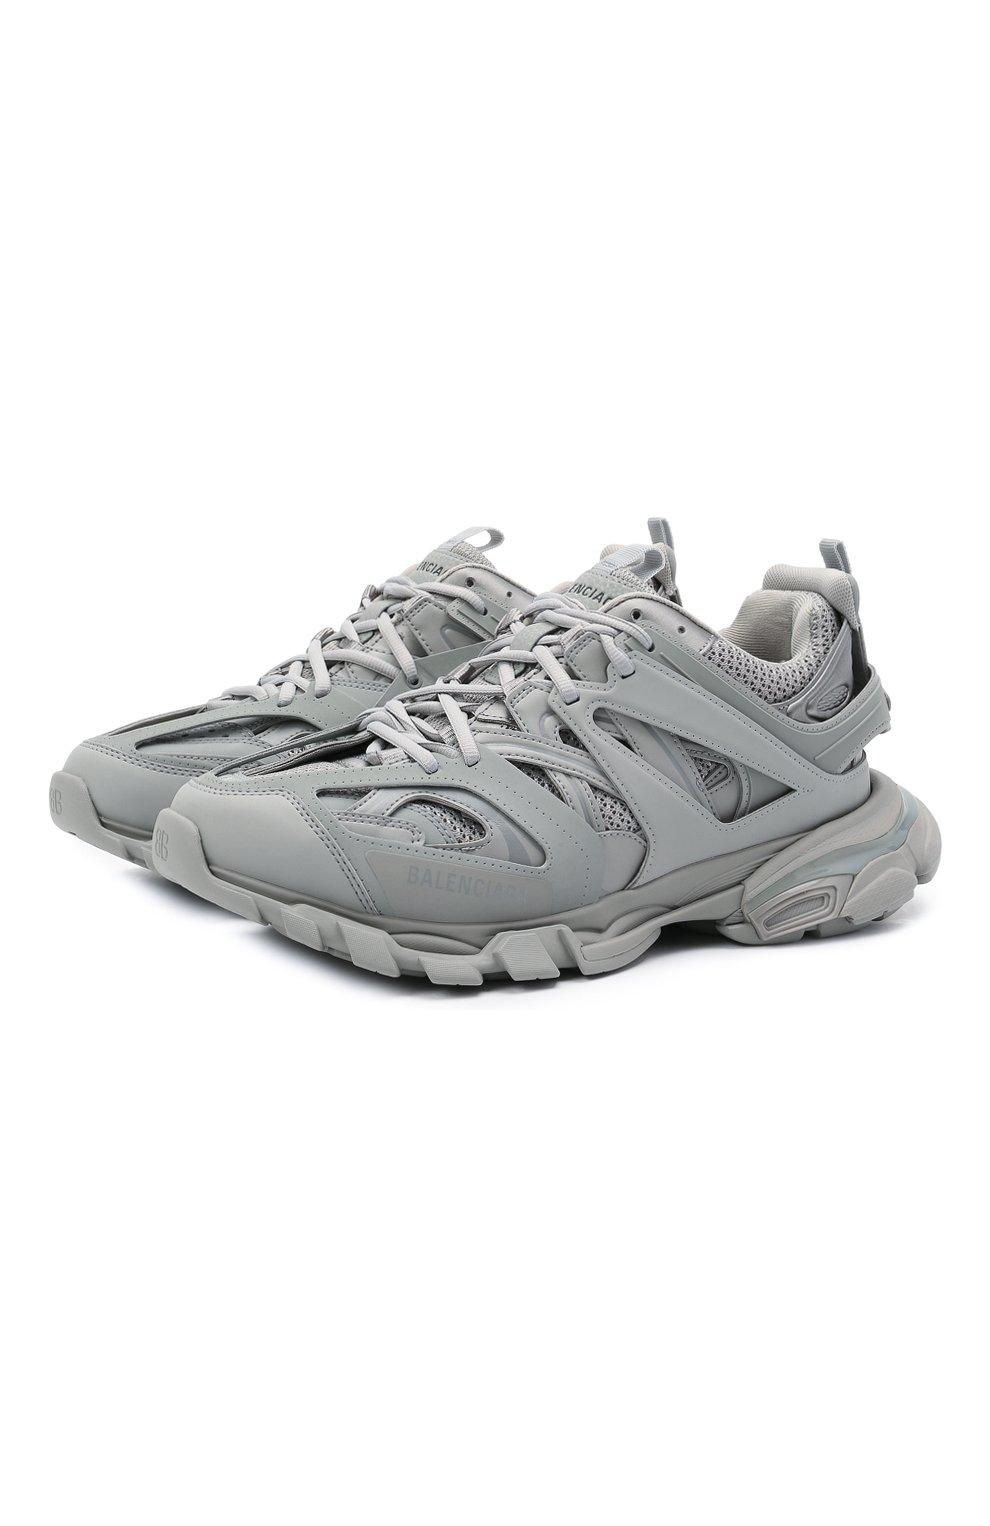 Мужские комбинированные кроссовки track BALENCIAGA серого цвета, арт. 542023/W2LA1   Фото 1 (Материал внешний: Текстиль; Стили: Гранж; Материал внутренний: Текстиль; Подошва: Массивная)